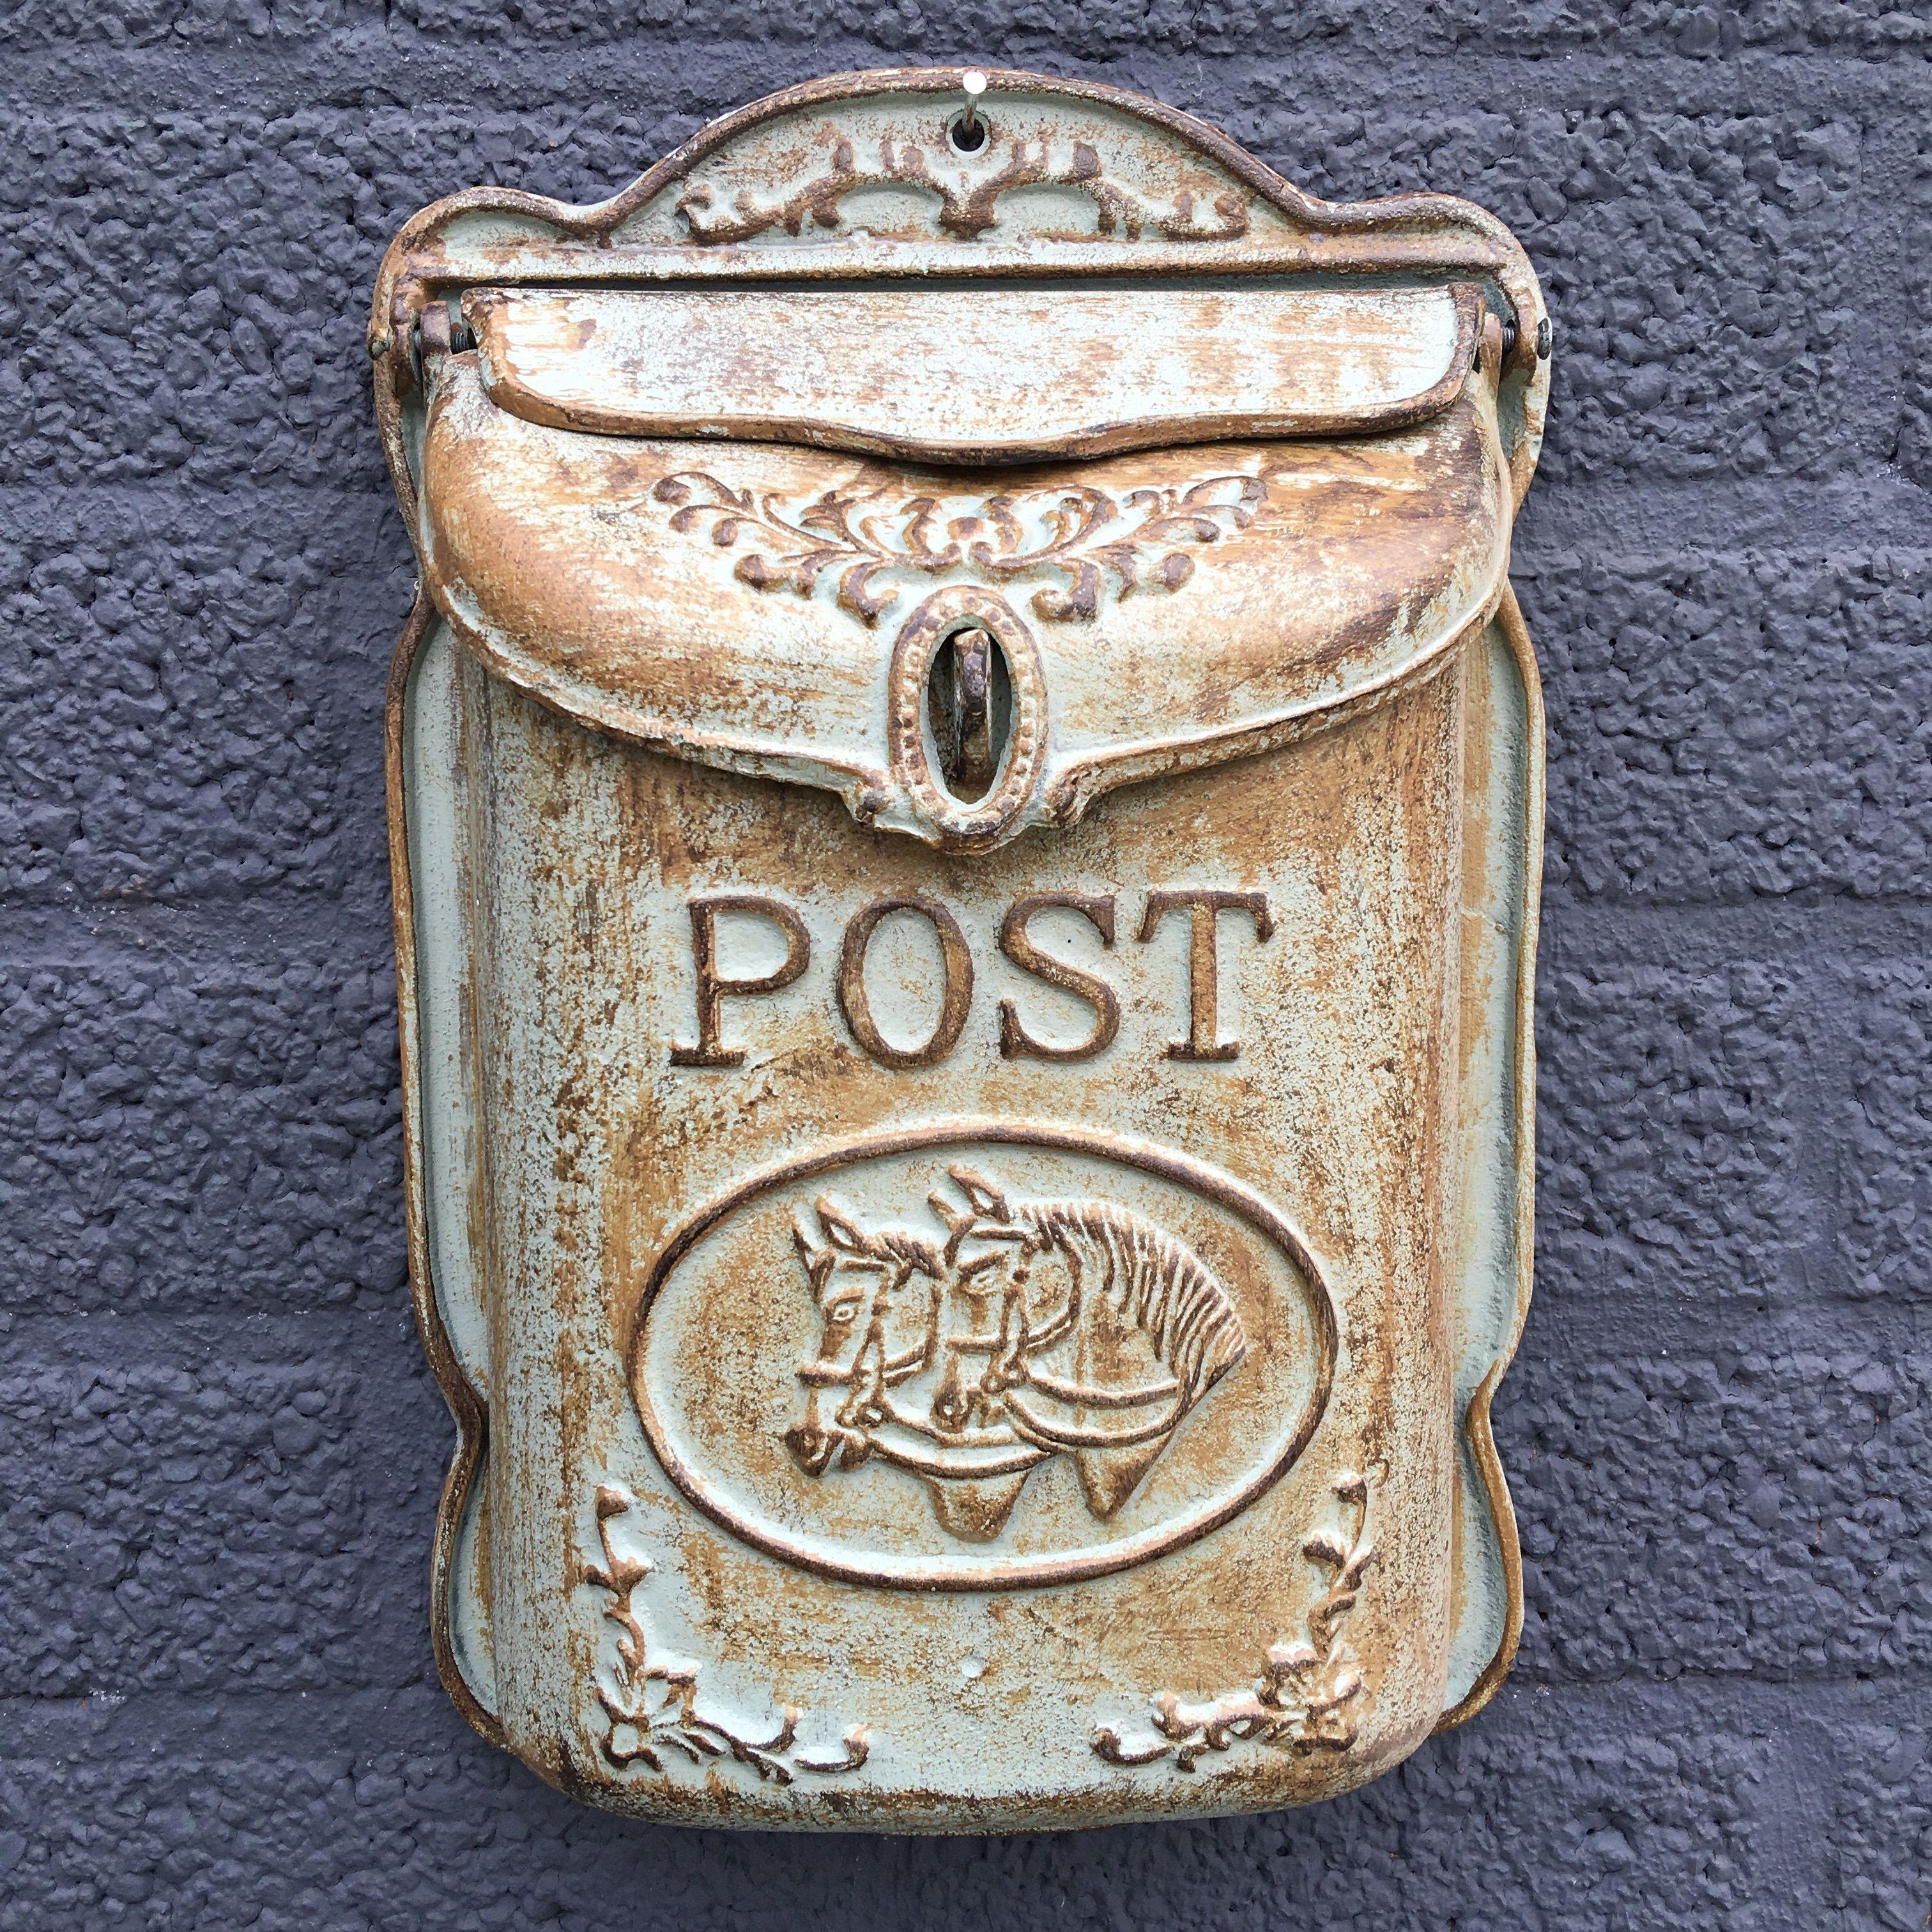 Bijzondere post mail bus voor aan de muur handgemaakt eu - Decoratie gevel exterieur huis ...